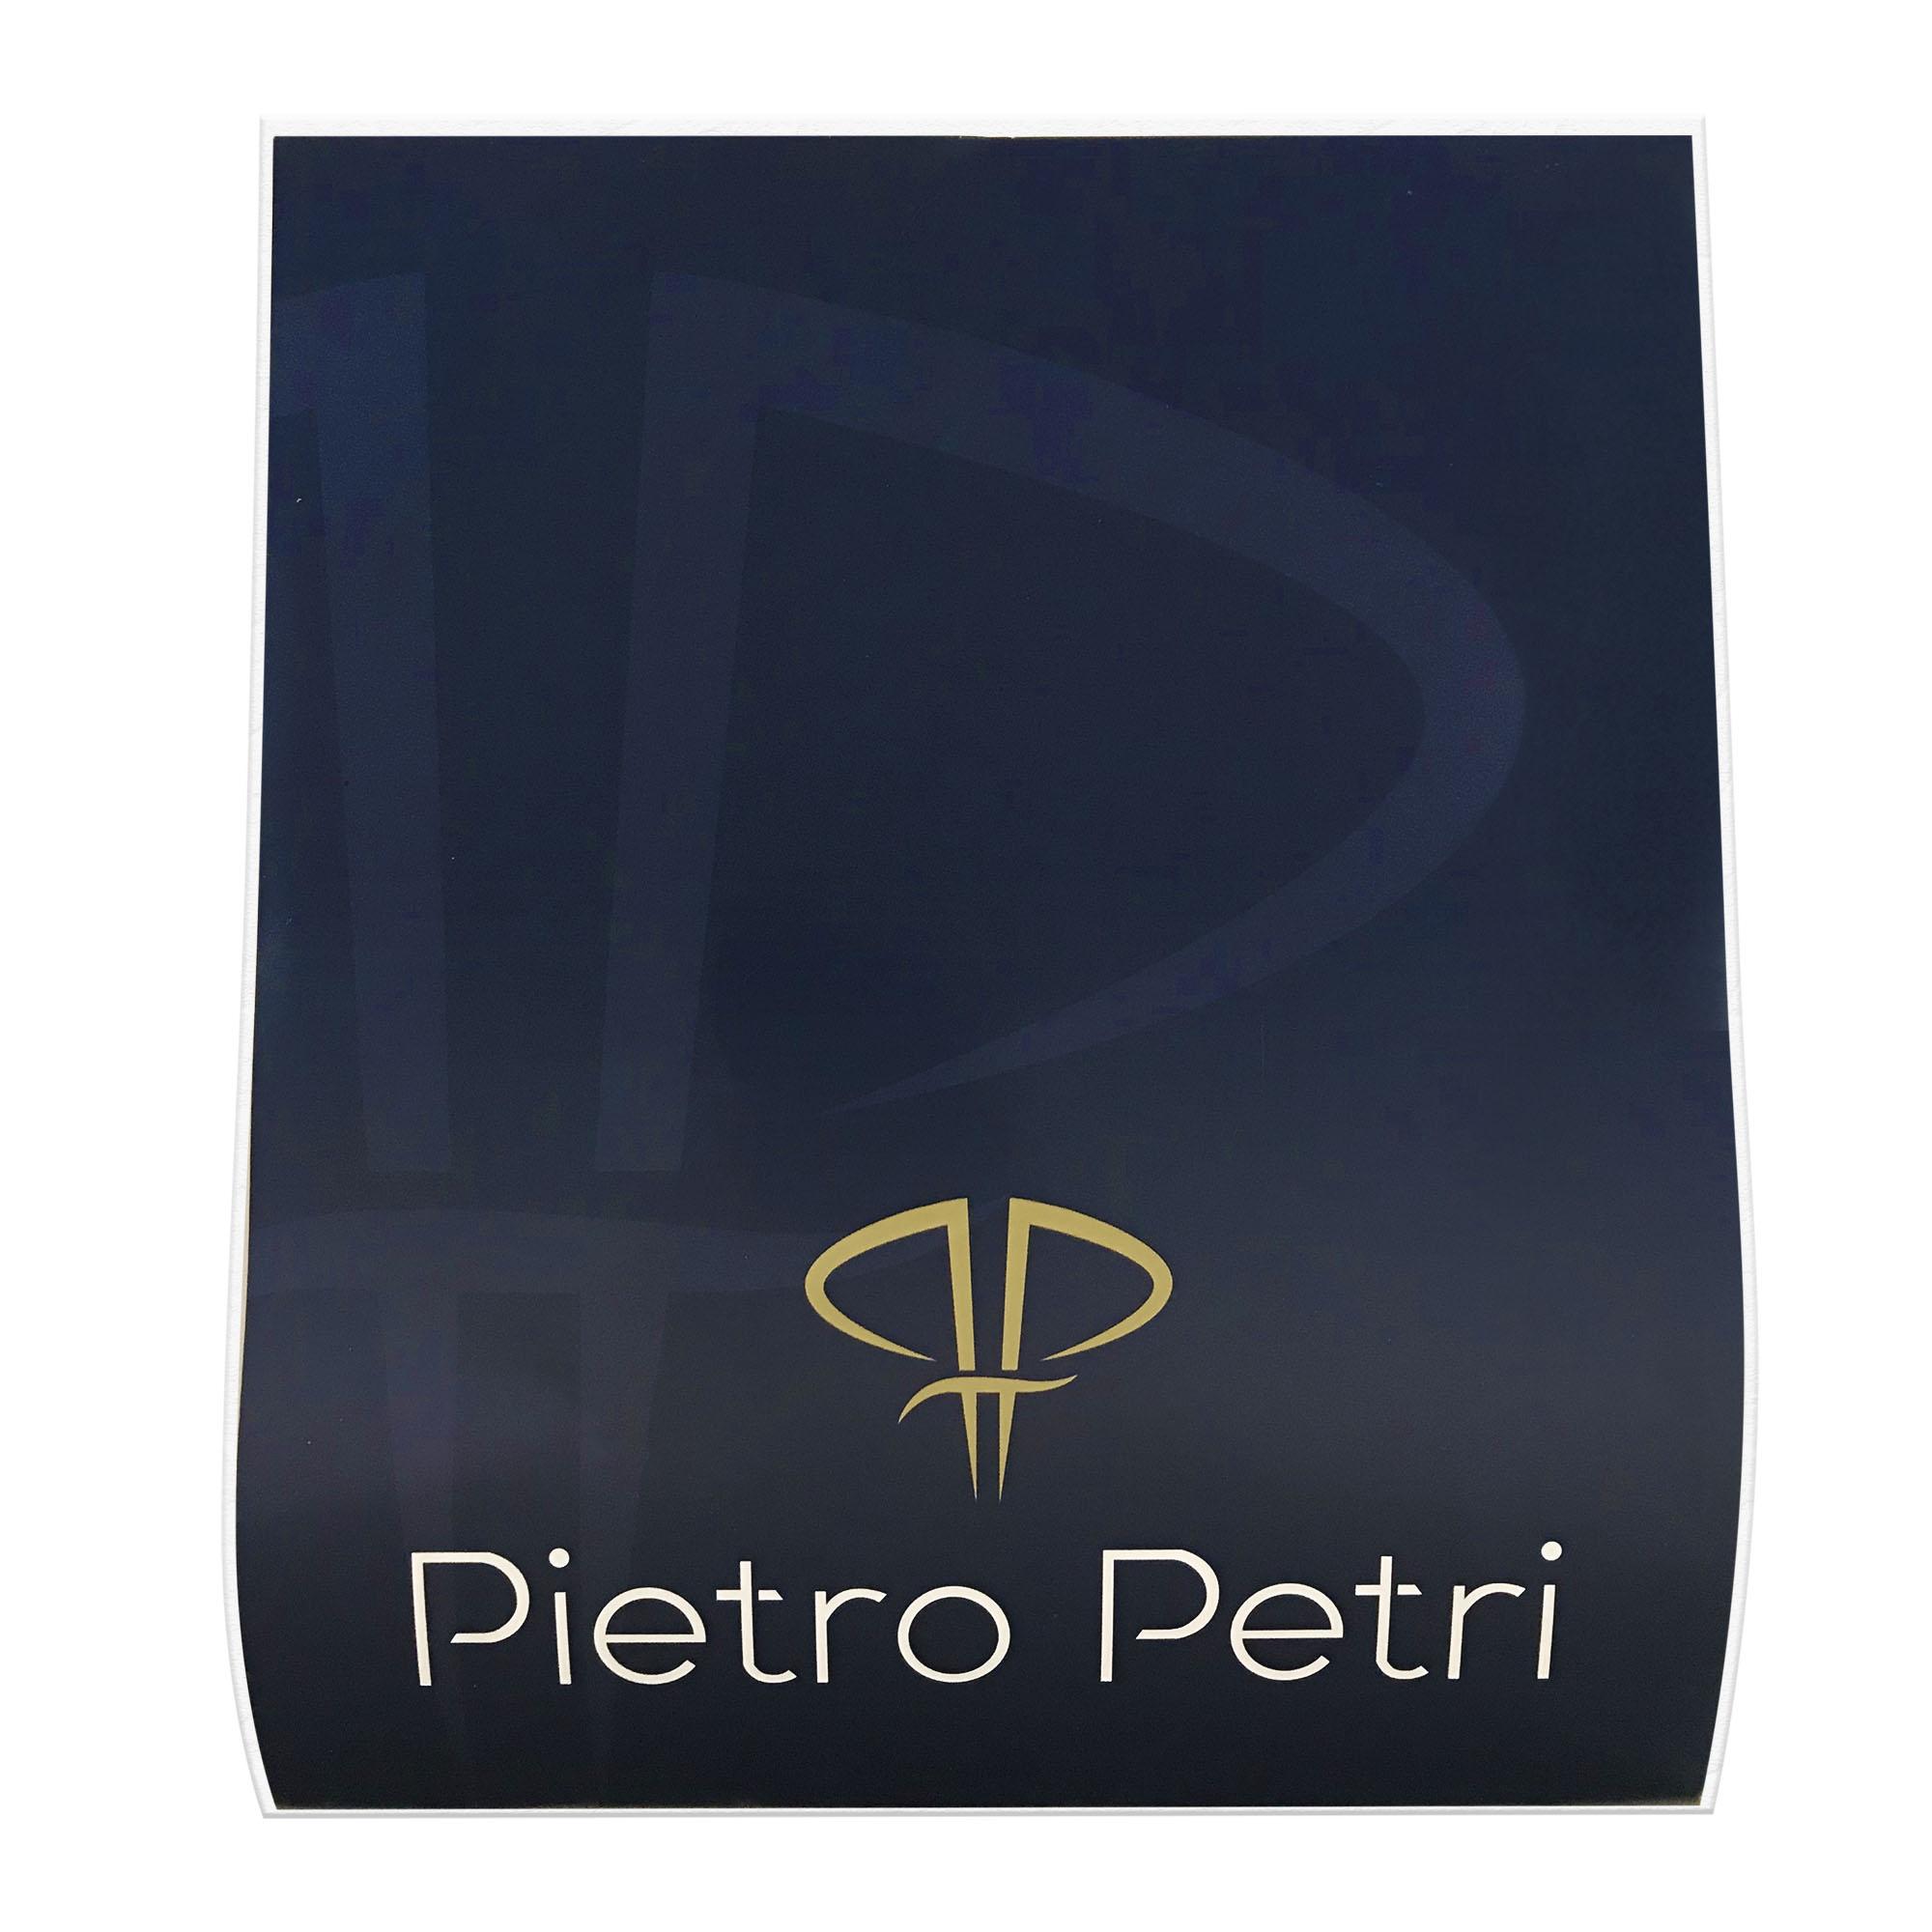 Sutiã 3015 cirúrgico compressivo corpo médio Dr Pietro alça fina regulável, abertura frontal c colchetes ideal p cirurgi  - Cinta se Nova